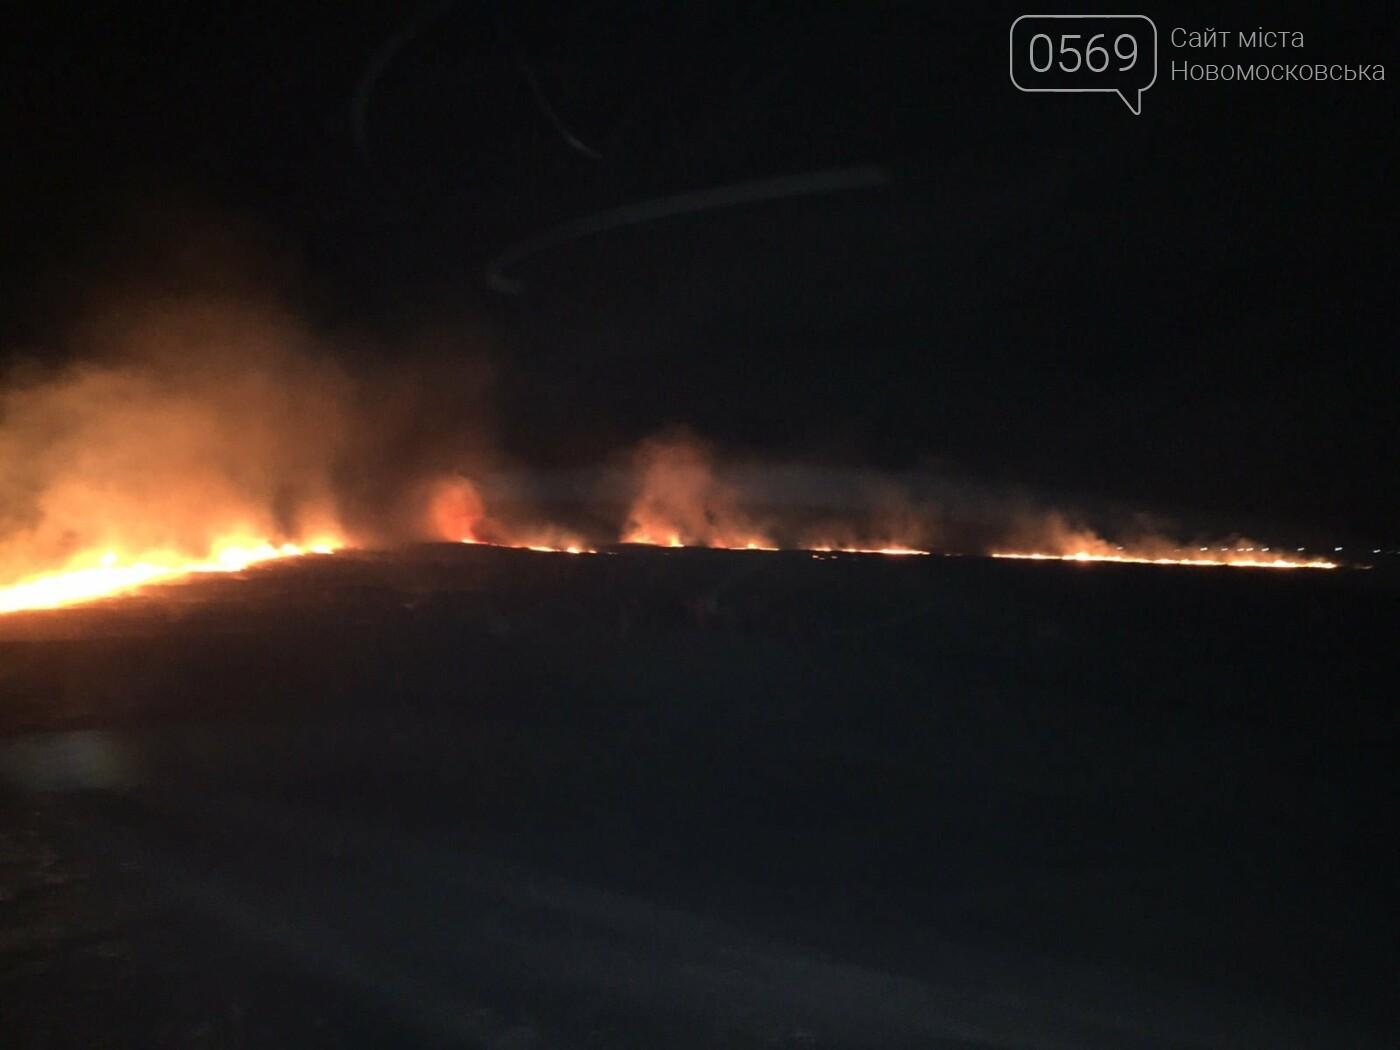 У ніч на 5 вересня більше сотні рятувальників і військових гасили під Новомосковськом масштабну пожежу, фото-5